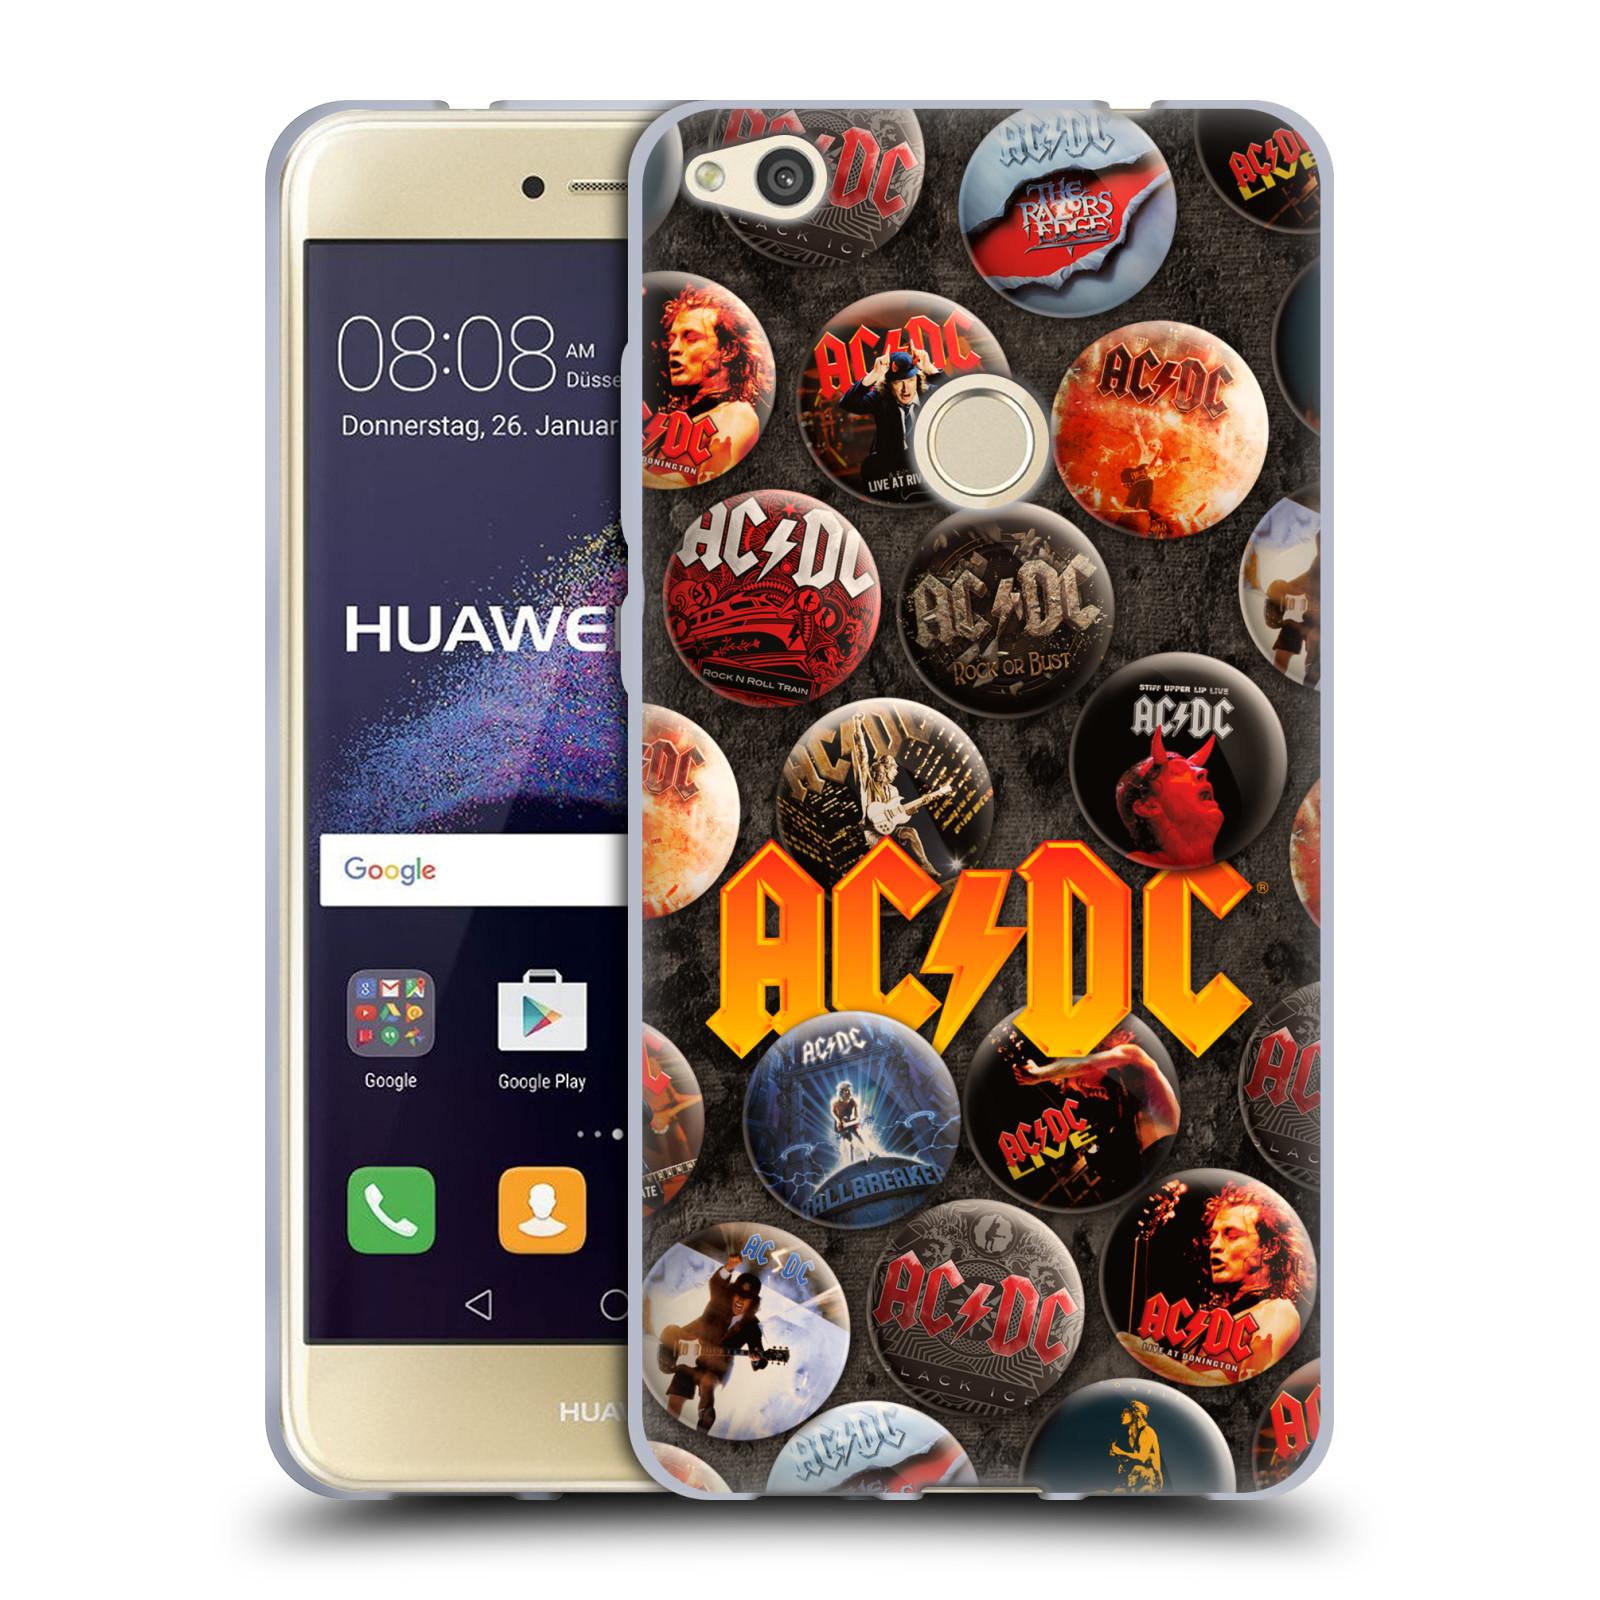 Silikonové pouzdro na mobil Huawei P9 Lite (2017) HEAD CASE AC/DC Placky